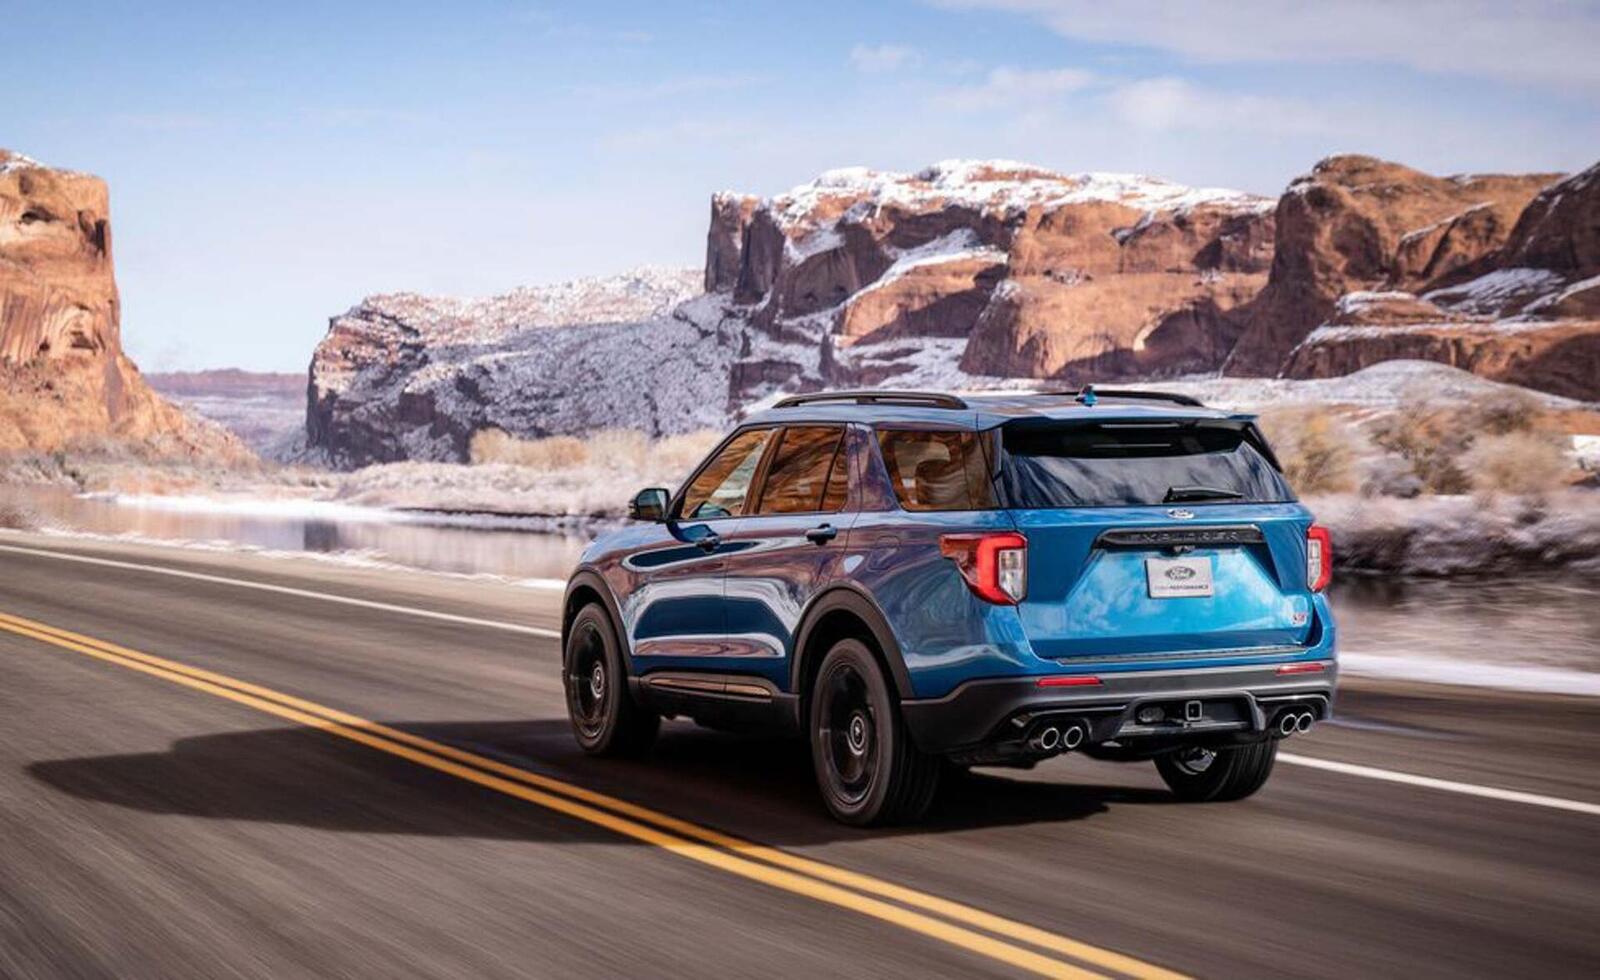 Ford giới thiệu Explorer ST 2020: Phiên bản mạnh nhất lắp máy V6 3.0L tăng áp 400 mã lực - Hình 8